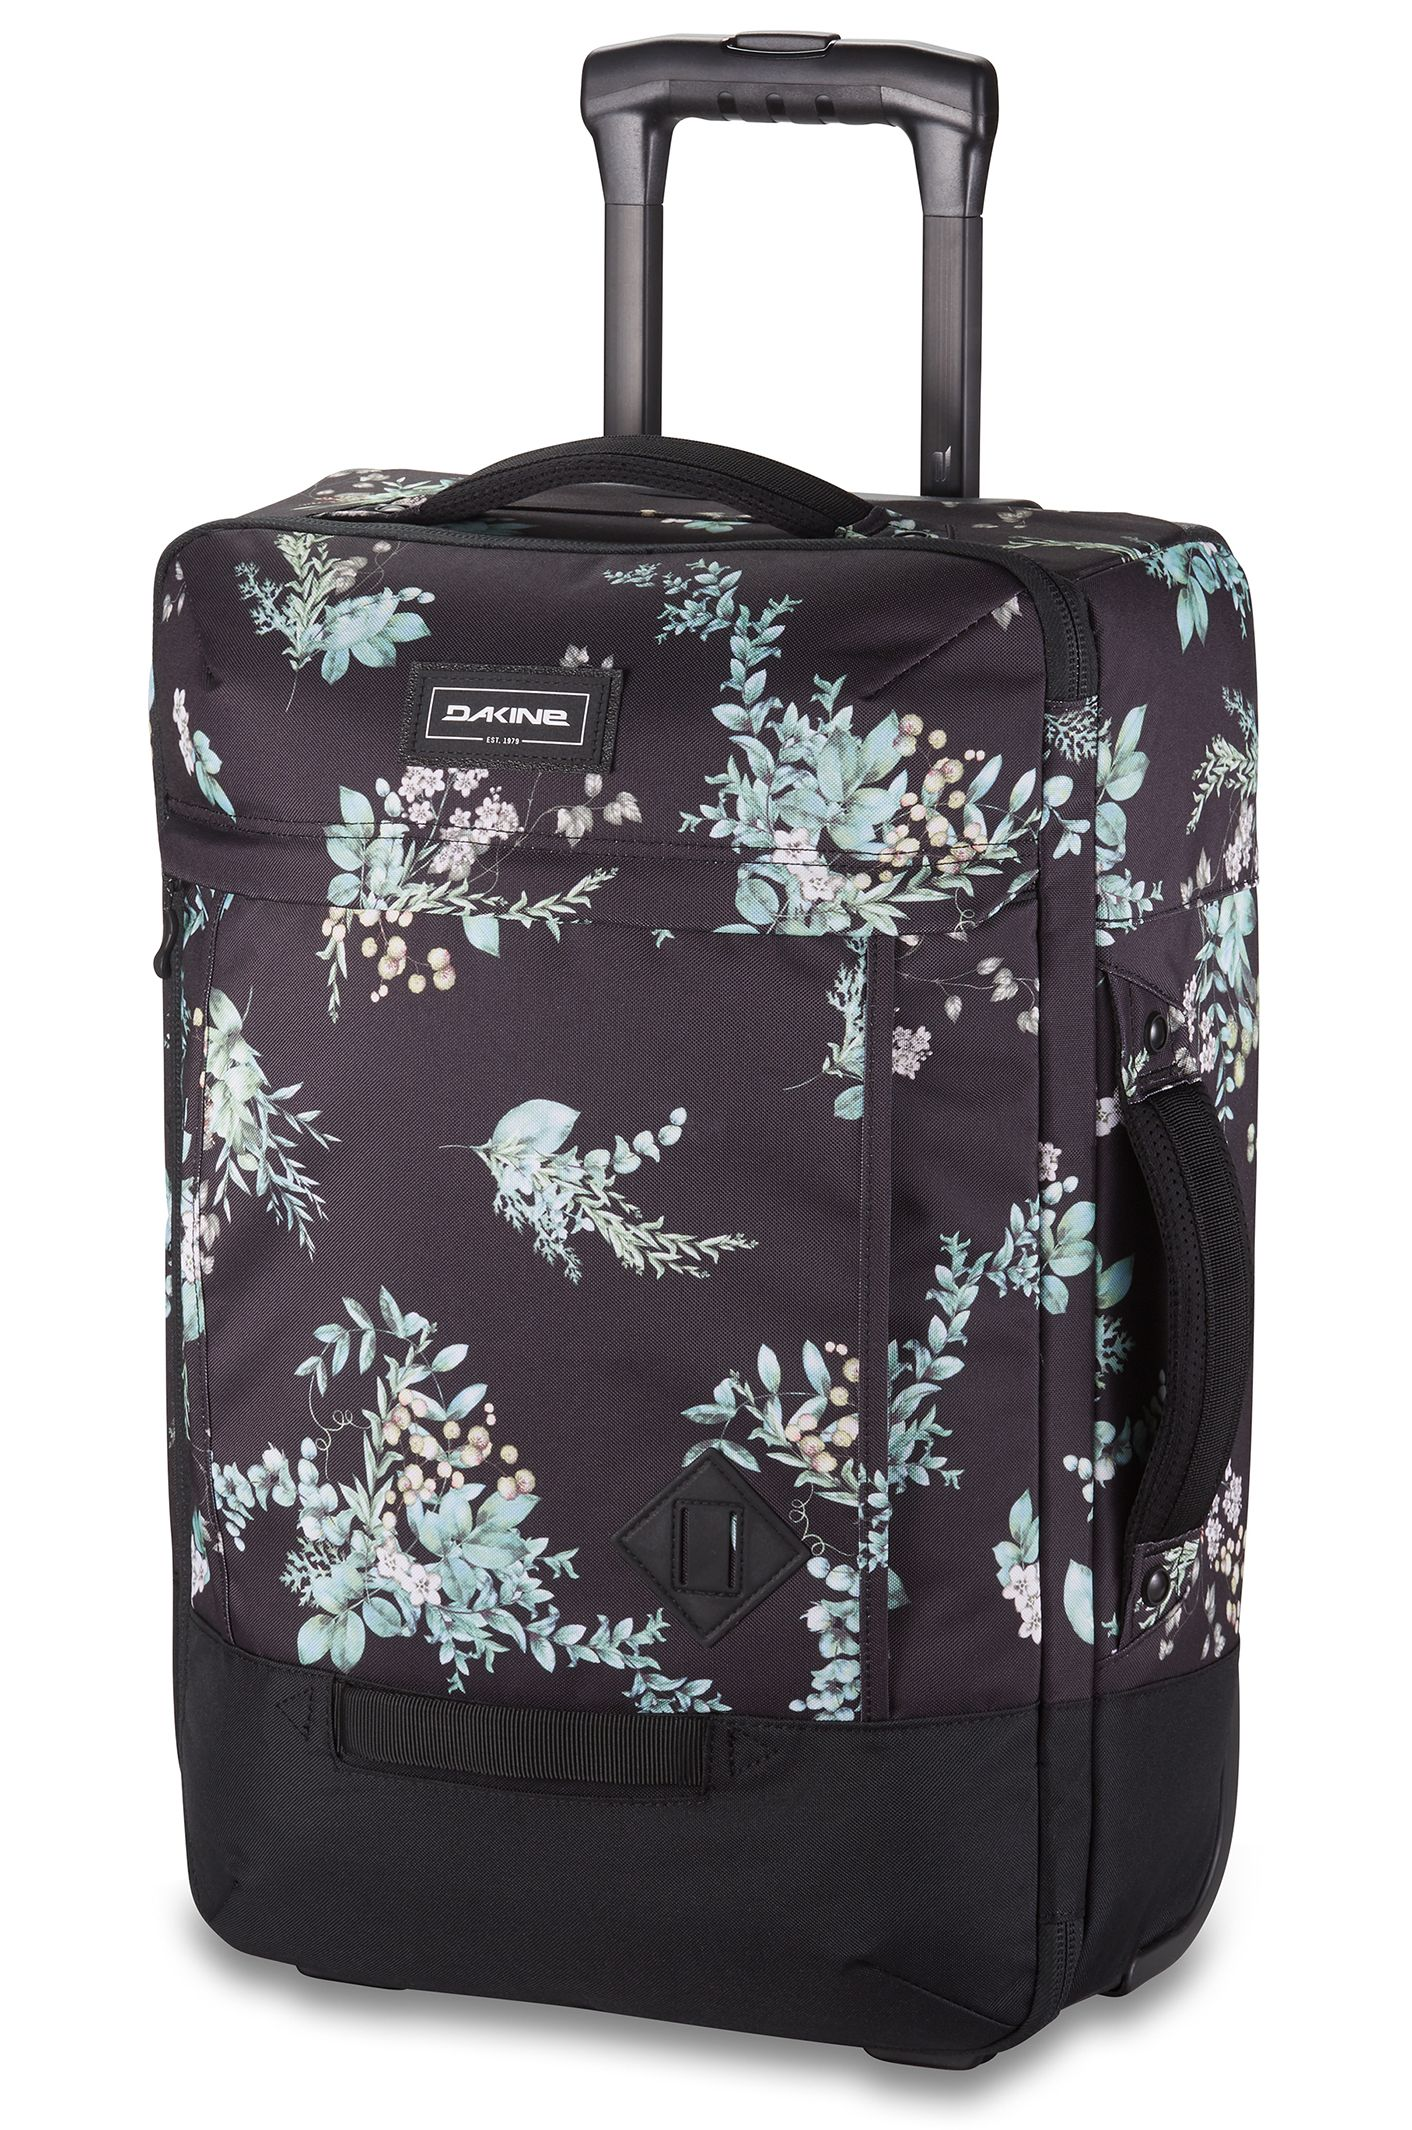 Dakine Travelbag 365 CARRY ON ROLLER 40L Solstice Floral